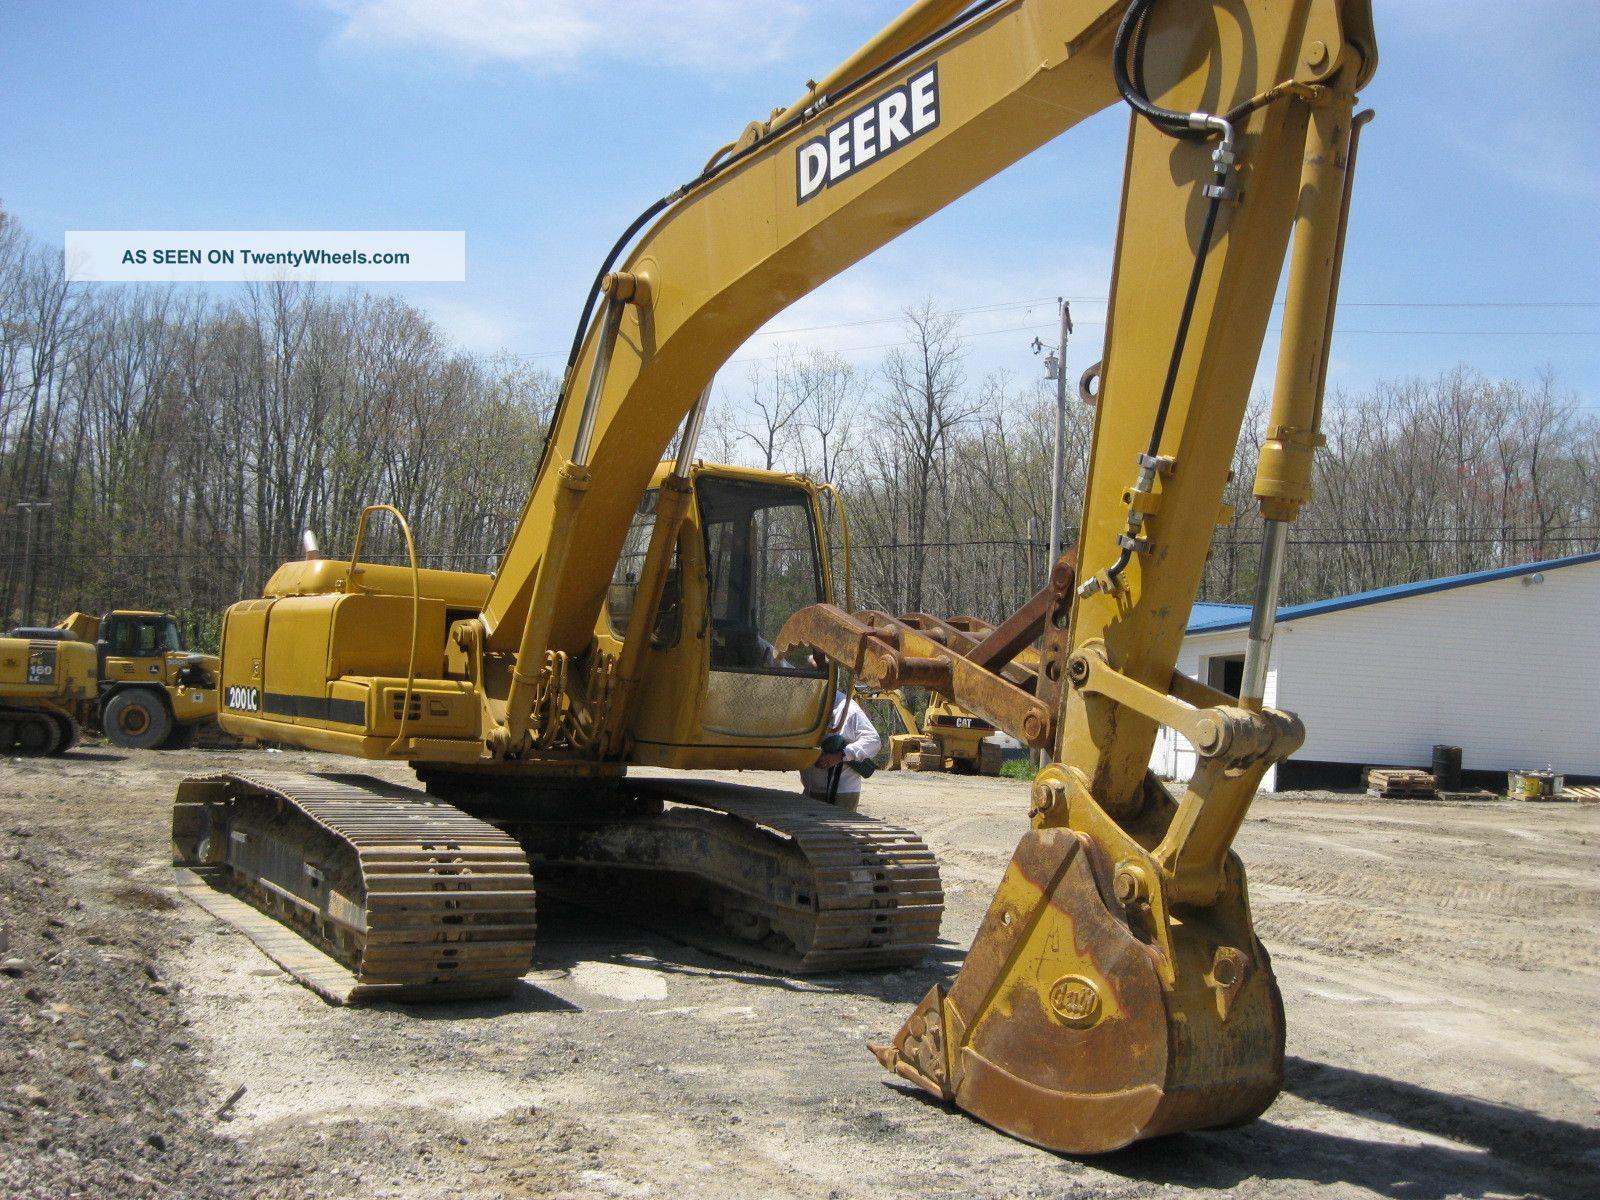 1996 John Deere 200lc Excavator